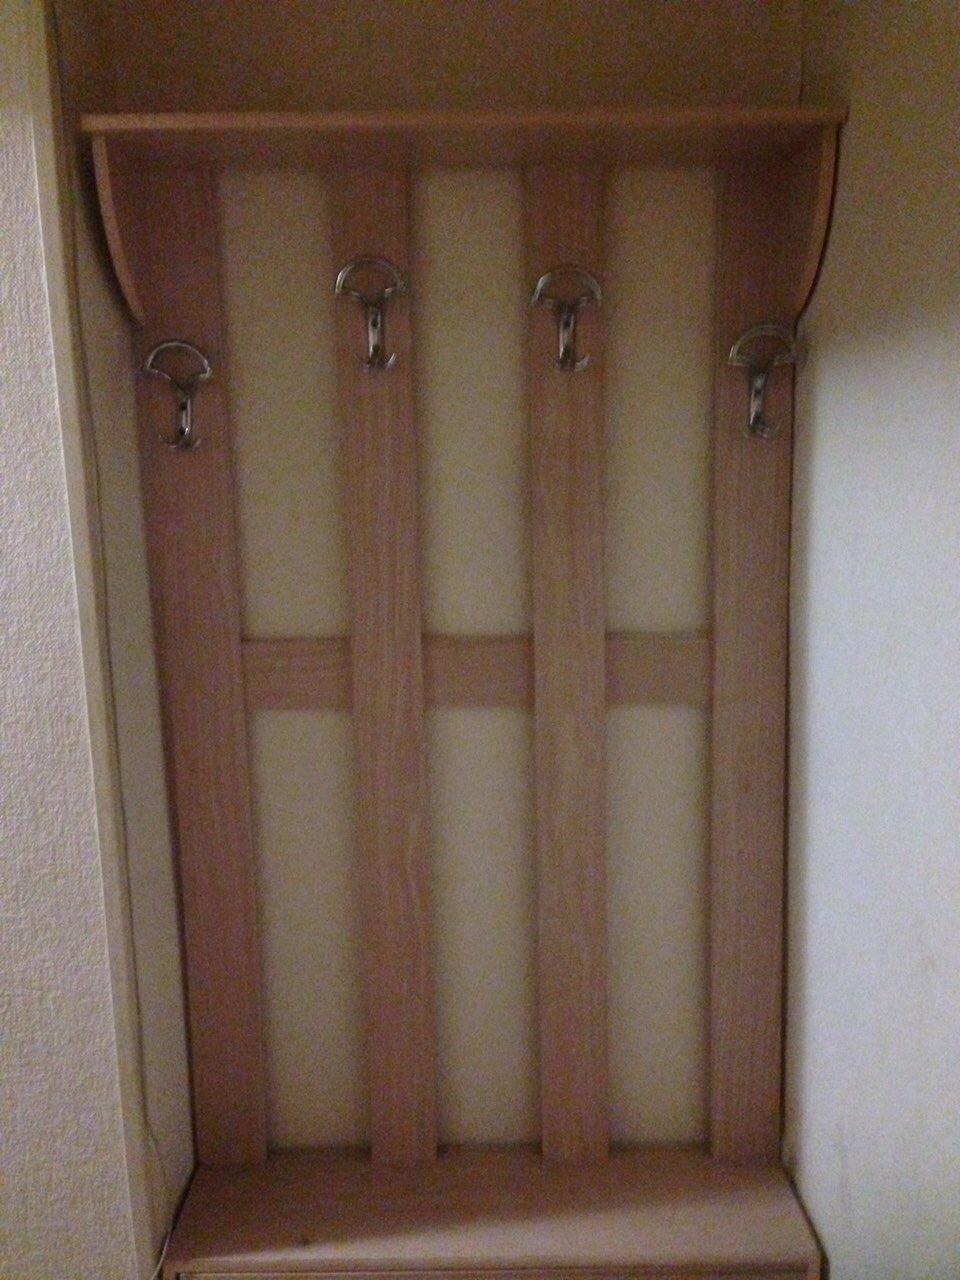 Сдам 2-комнатную квартиру в городе Саратов, на улице Большая Горная, 219, 1-этаж 14-этажного  дома, площадь: 53/32/9 м2